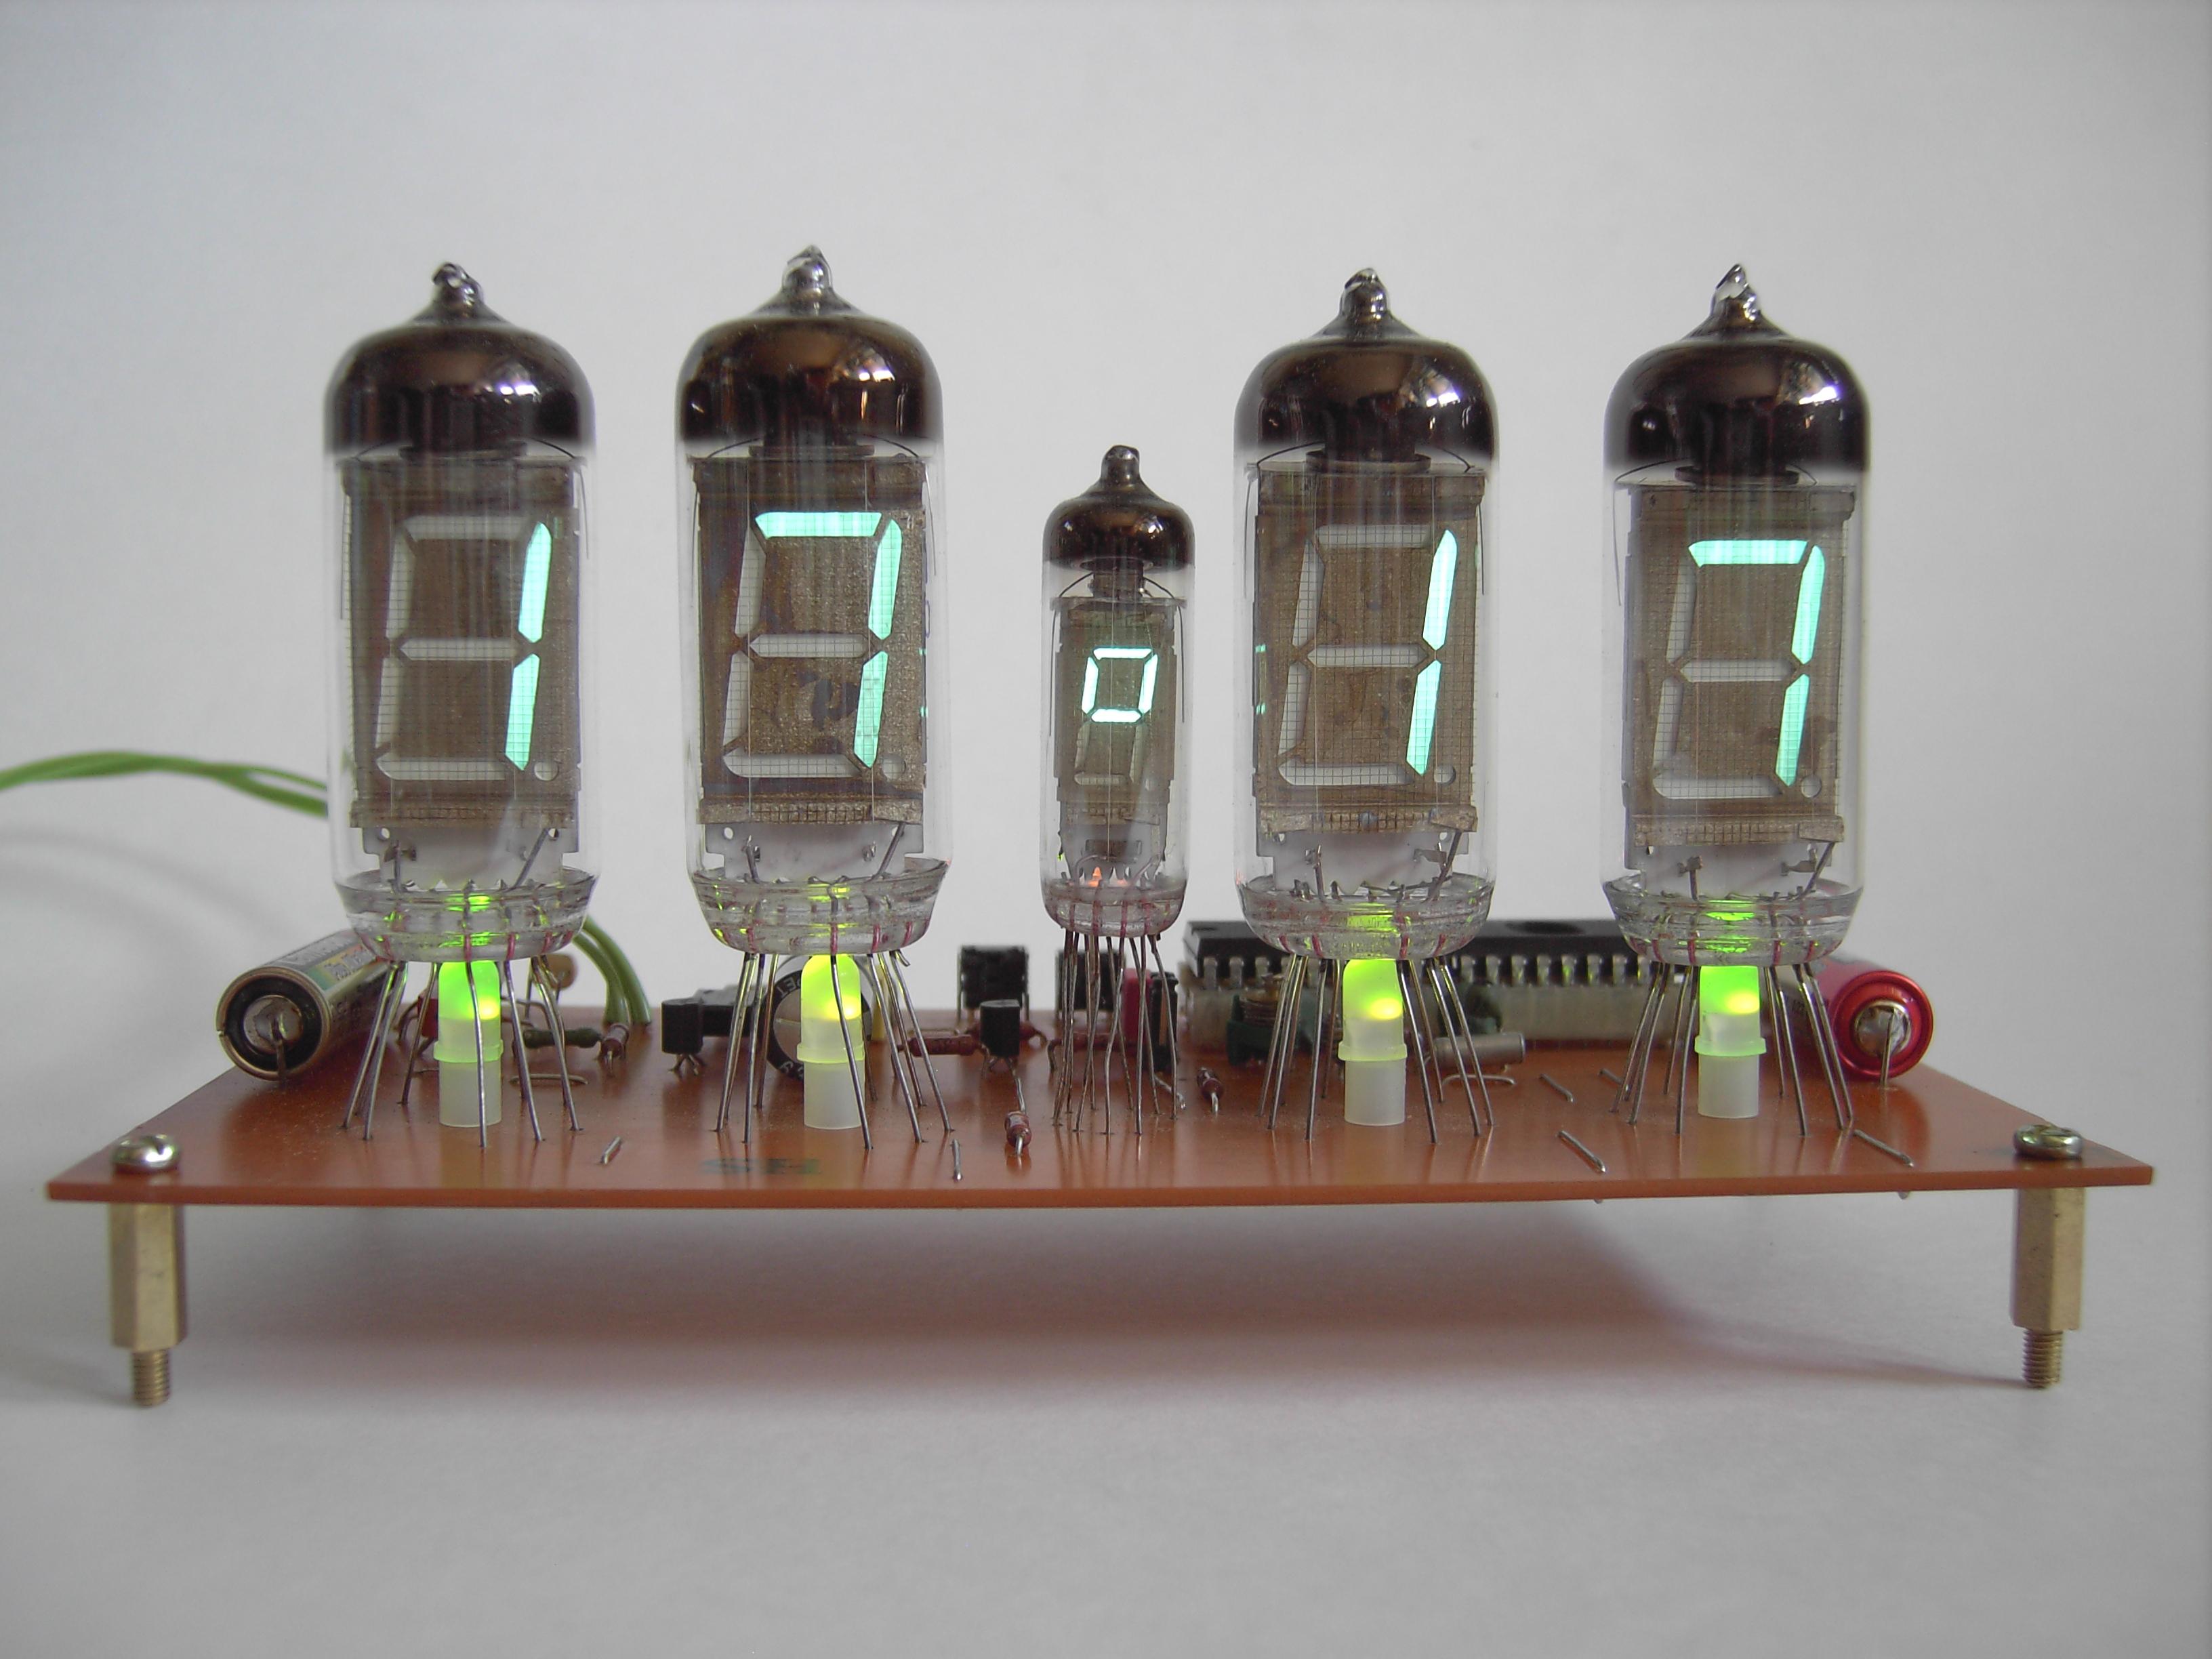 схема часы на к145ик1901